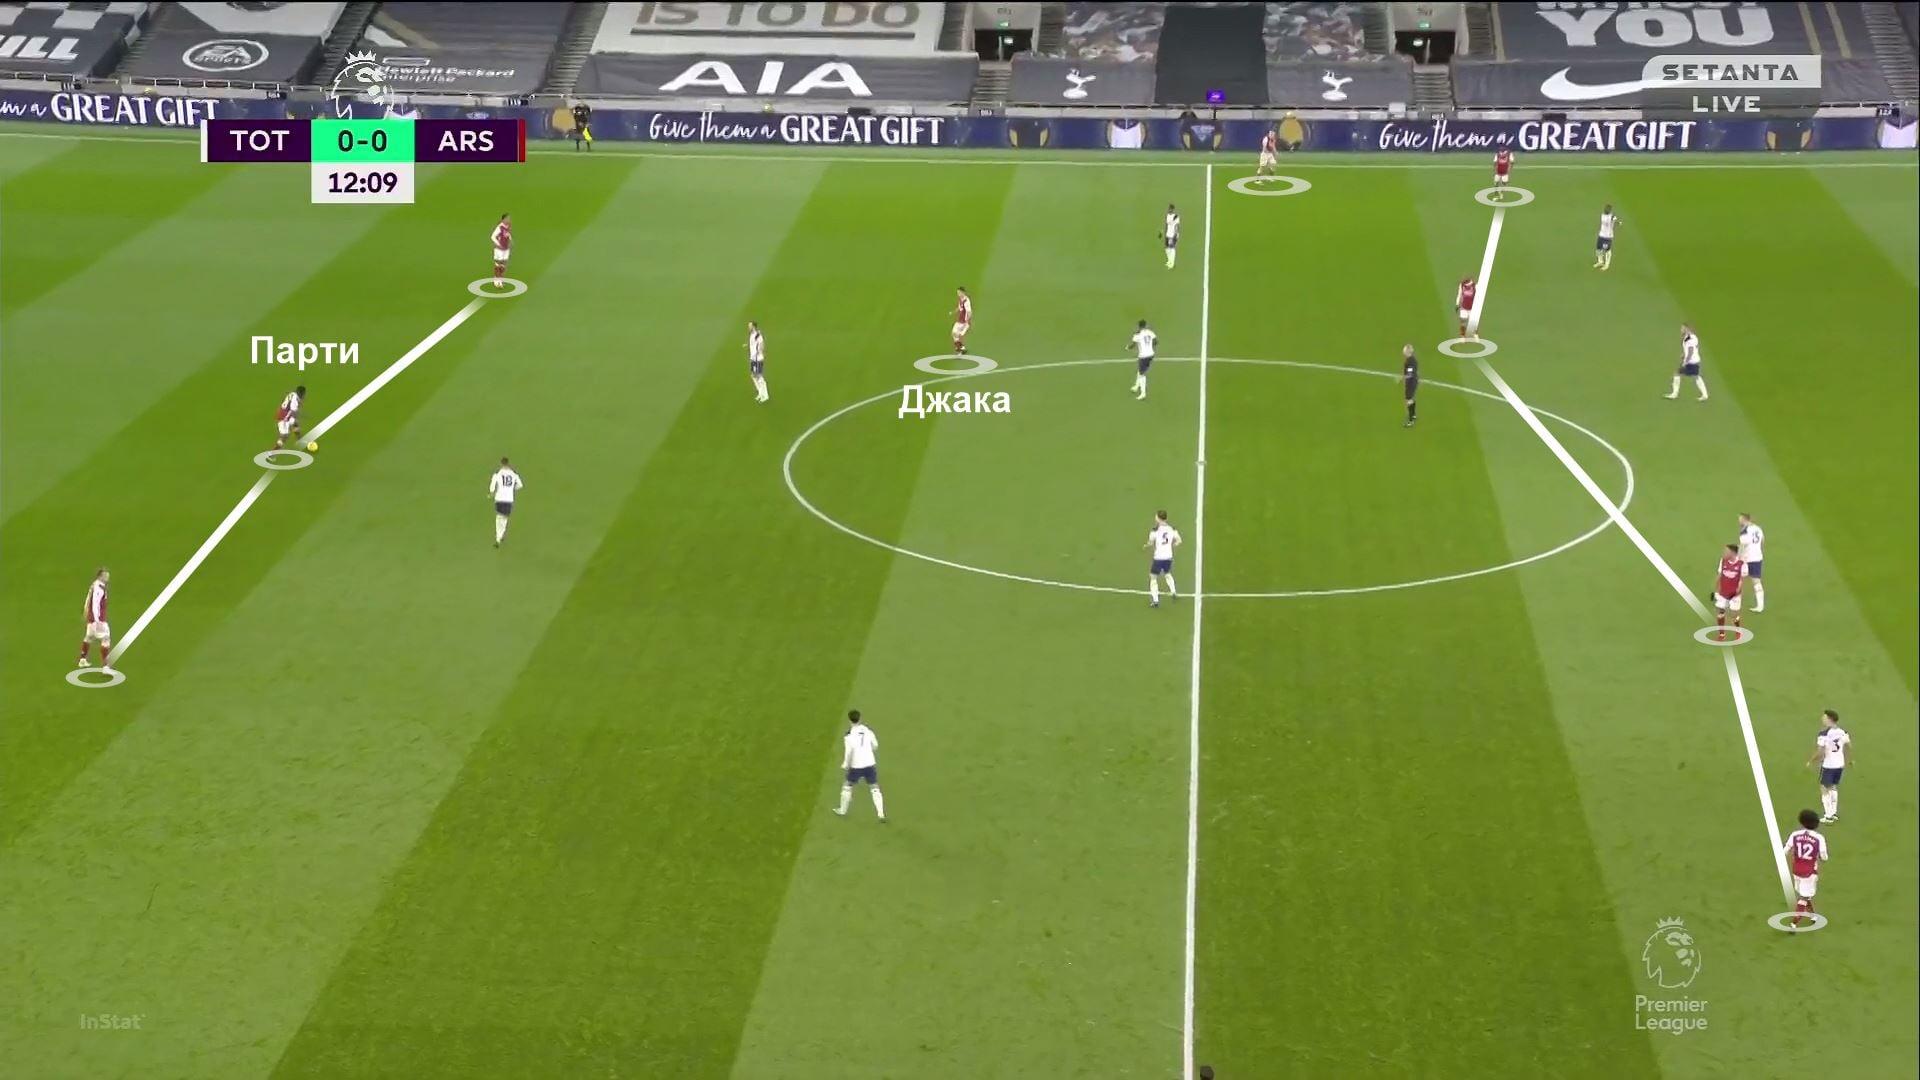 Классика – от Моуринью, 44 навеса – от Артеты. Позиционная атака «Арсенала» – мрак